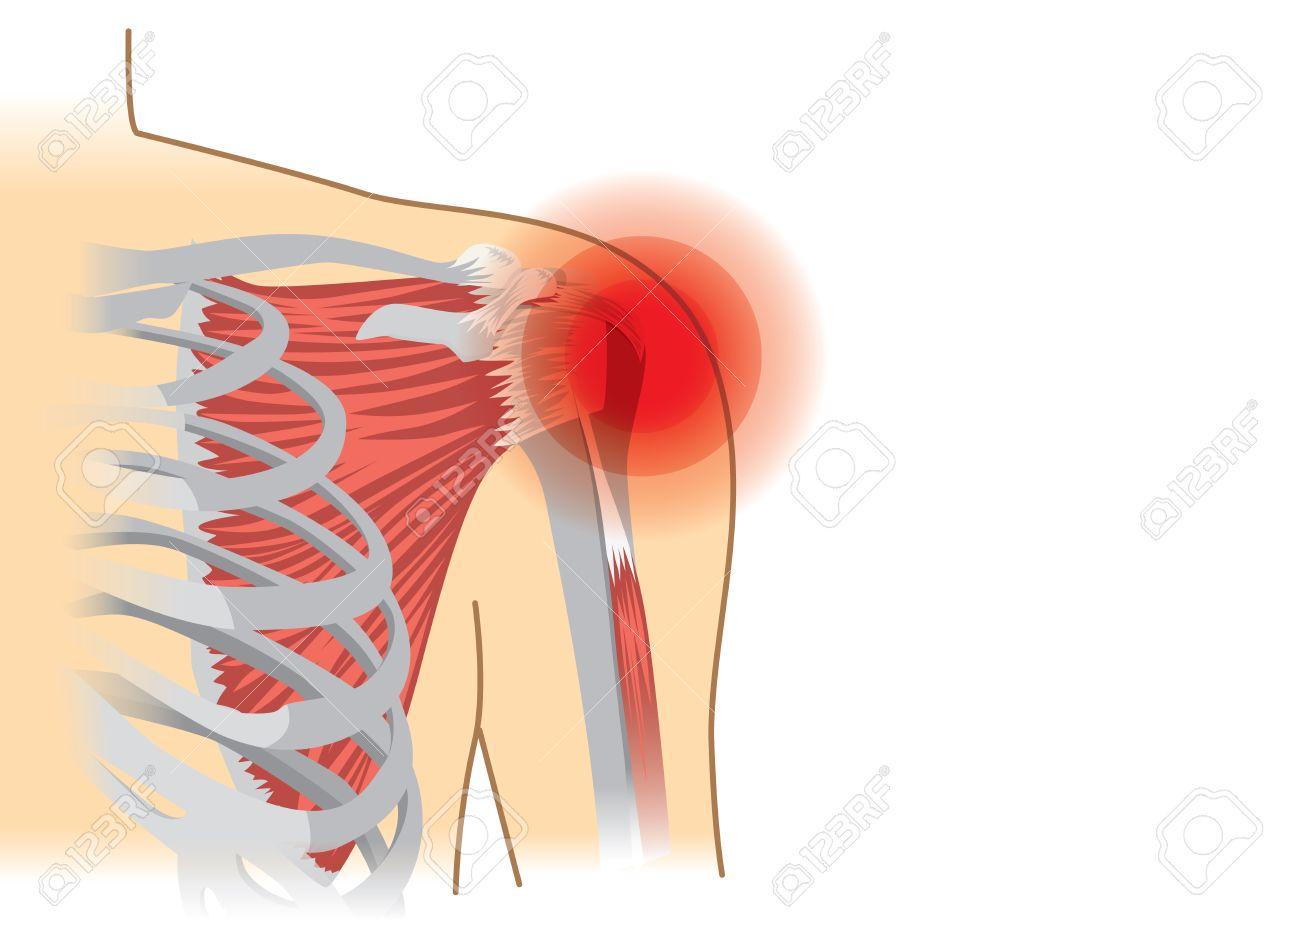 Los Músculos Del Hombro Y Las Articulaciones Humanas Tienen Una ...